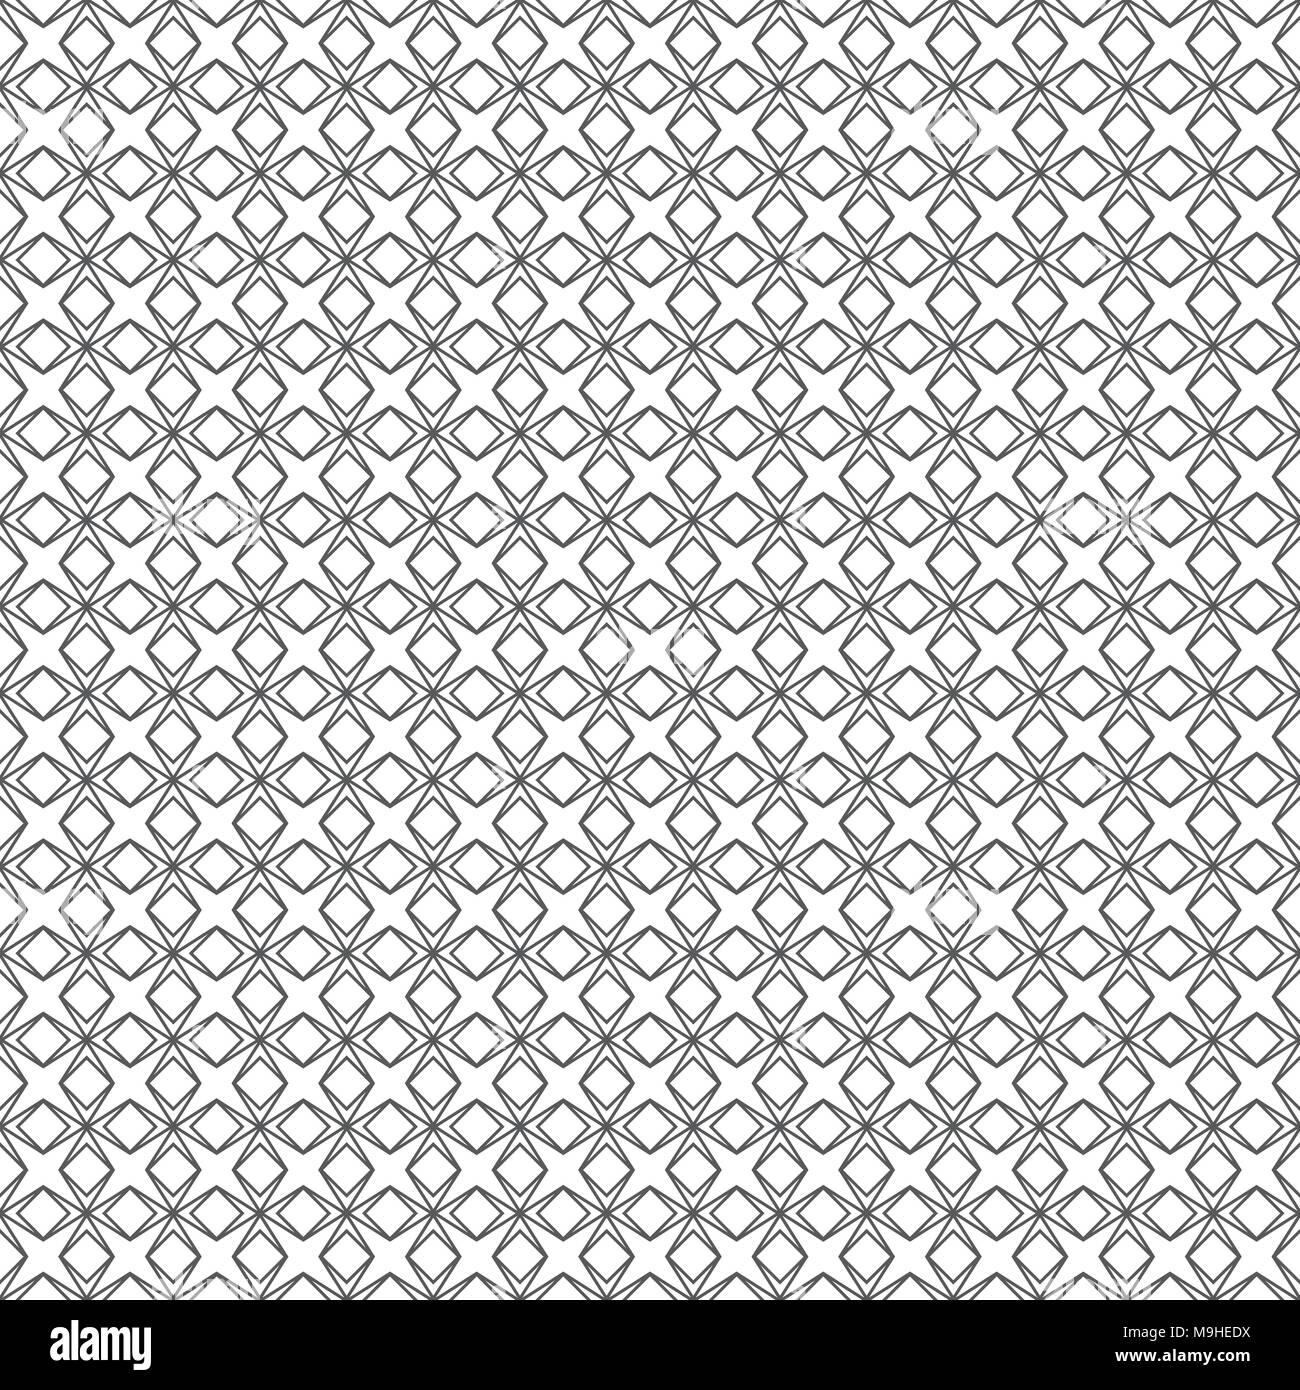 Nahtlose Muster Stilvolle Moderne Geometrische Struktur